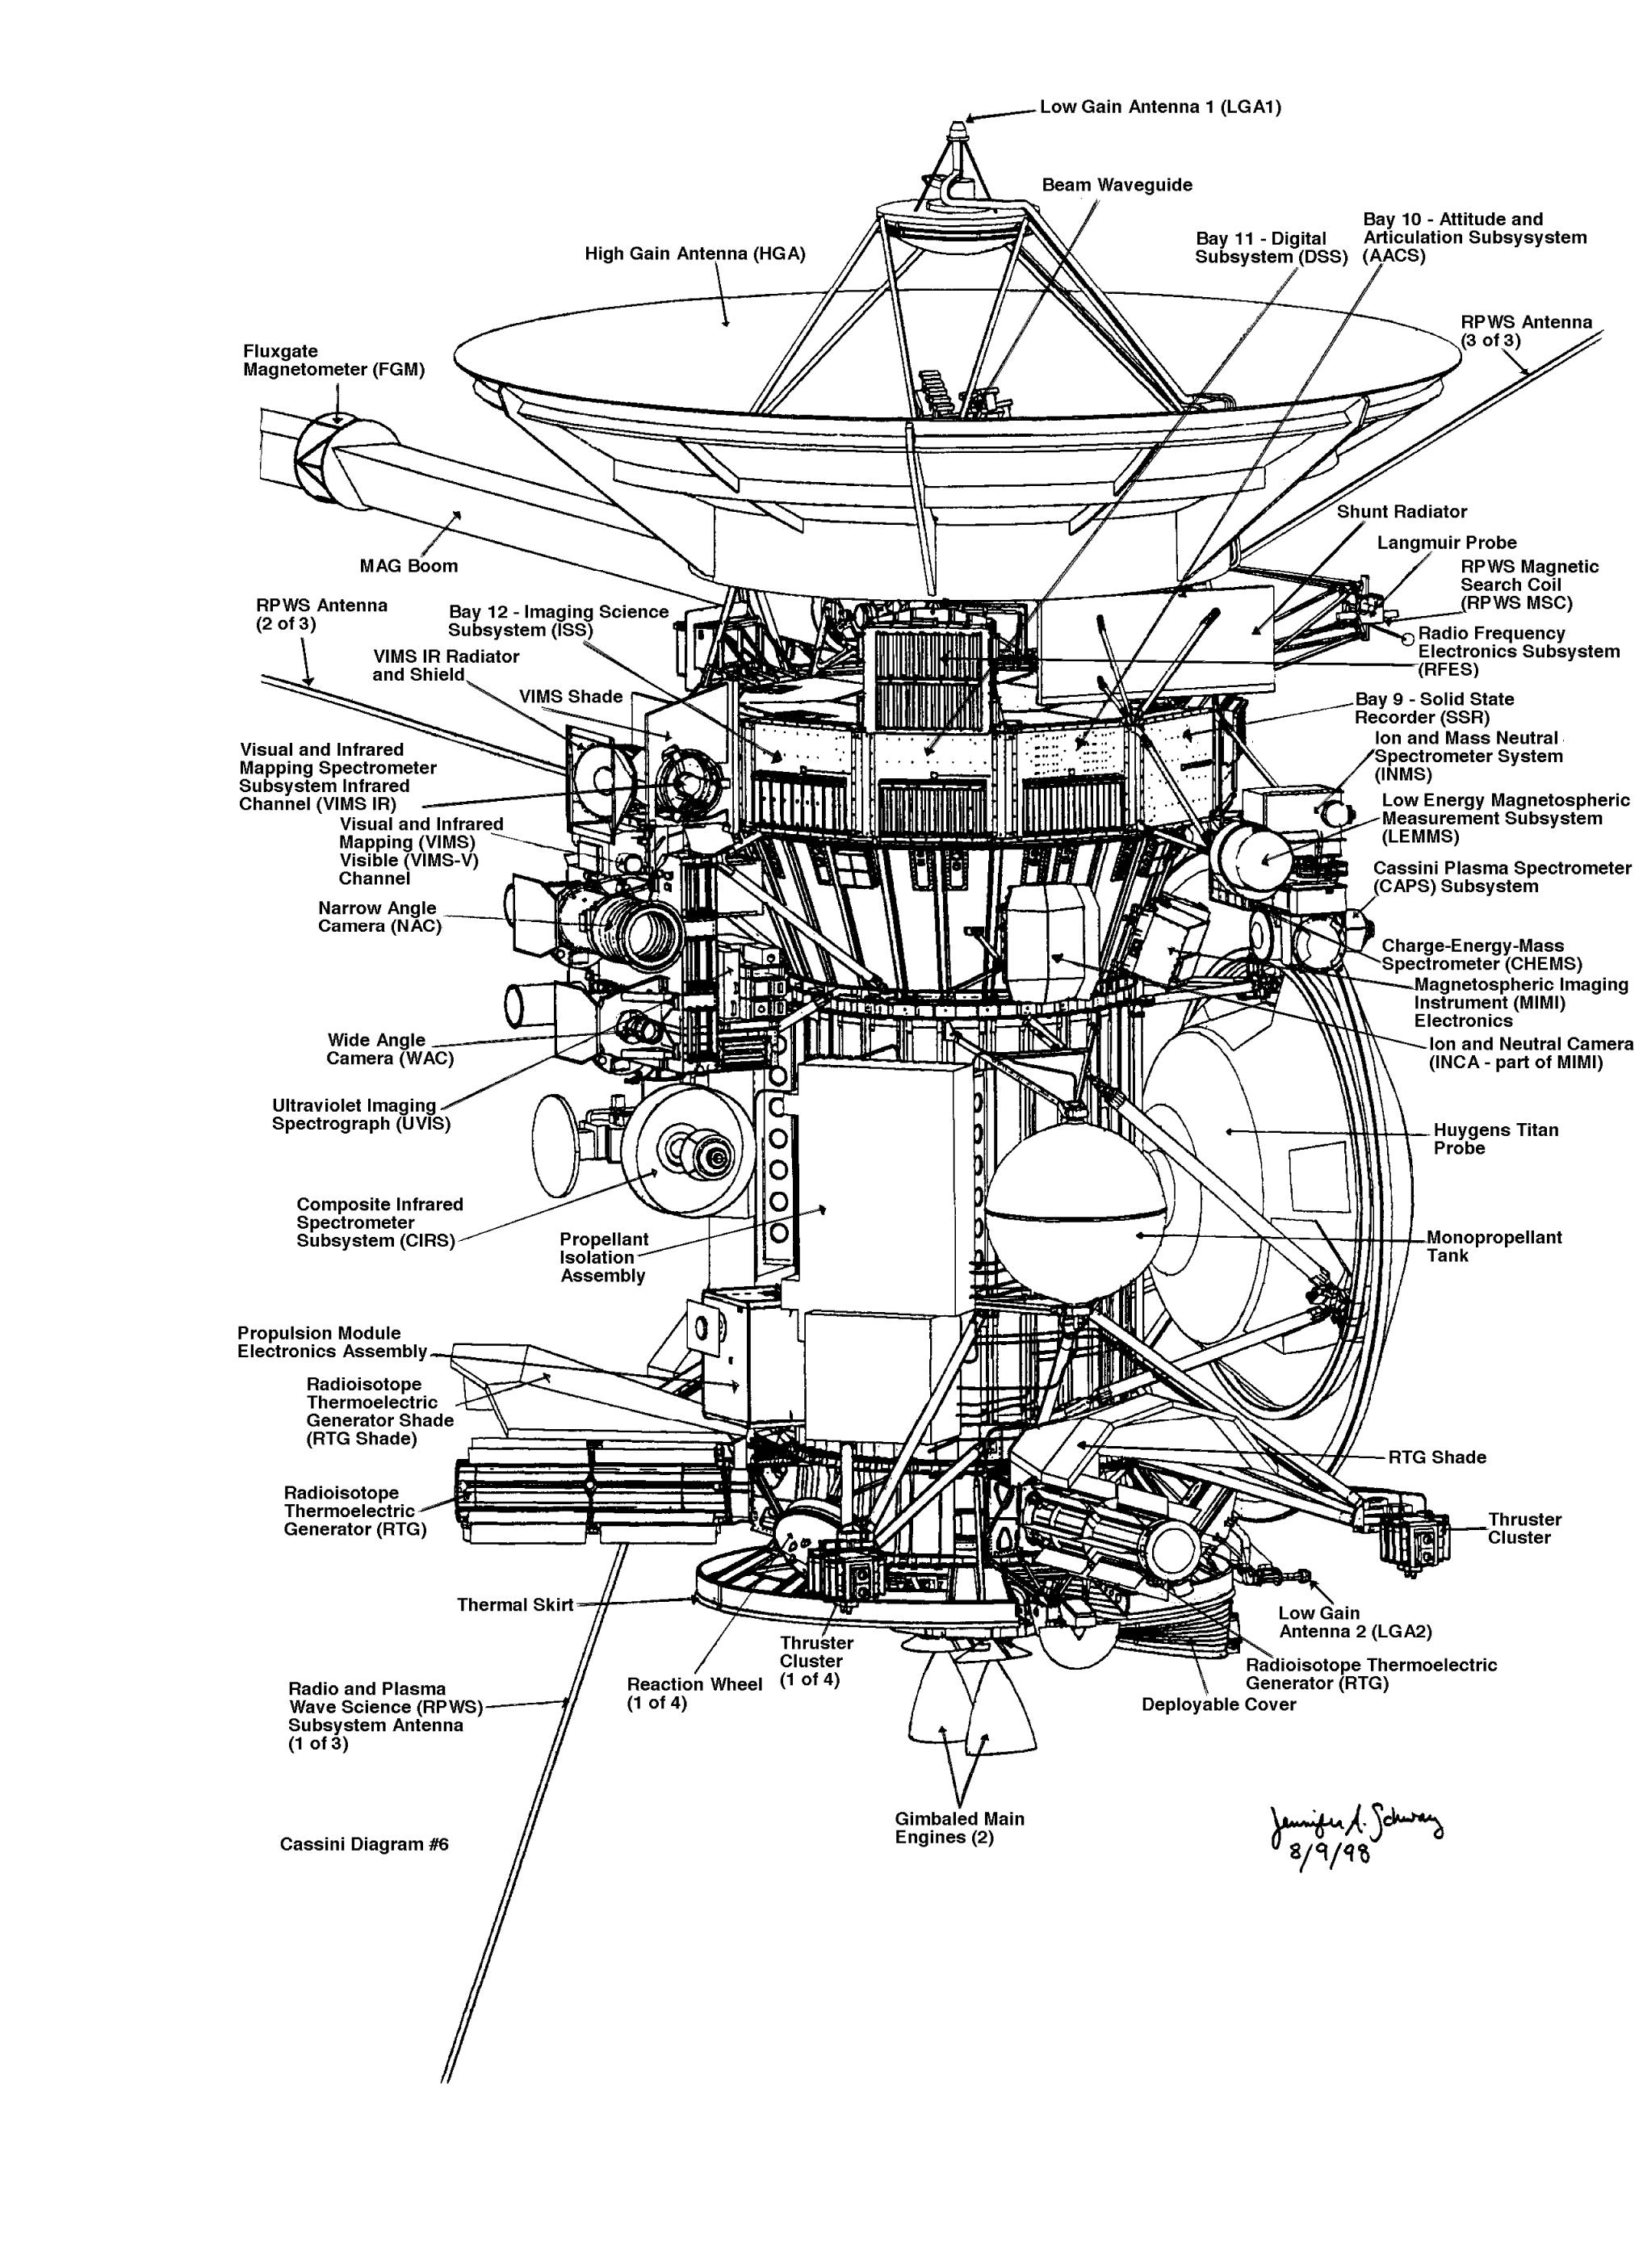 cassini diagram no  6